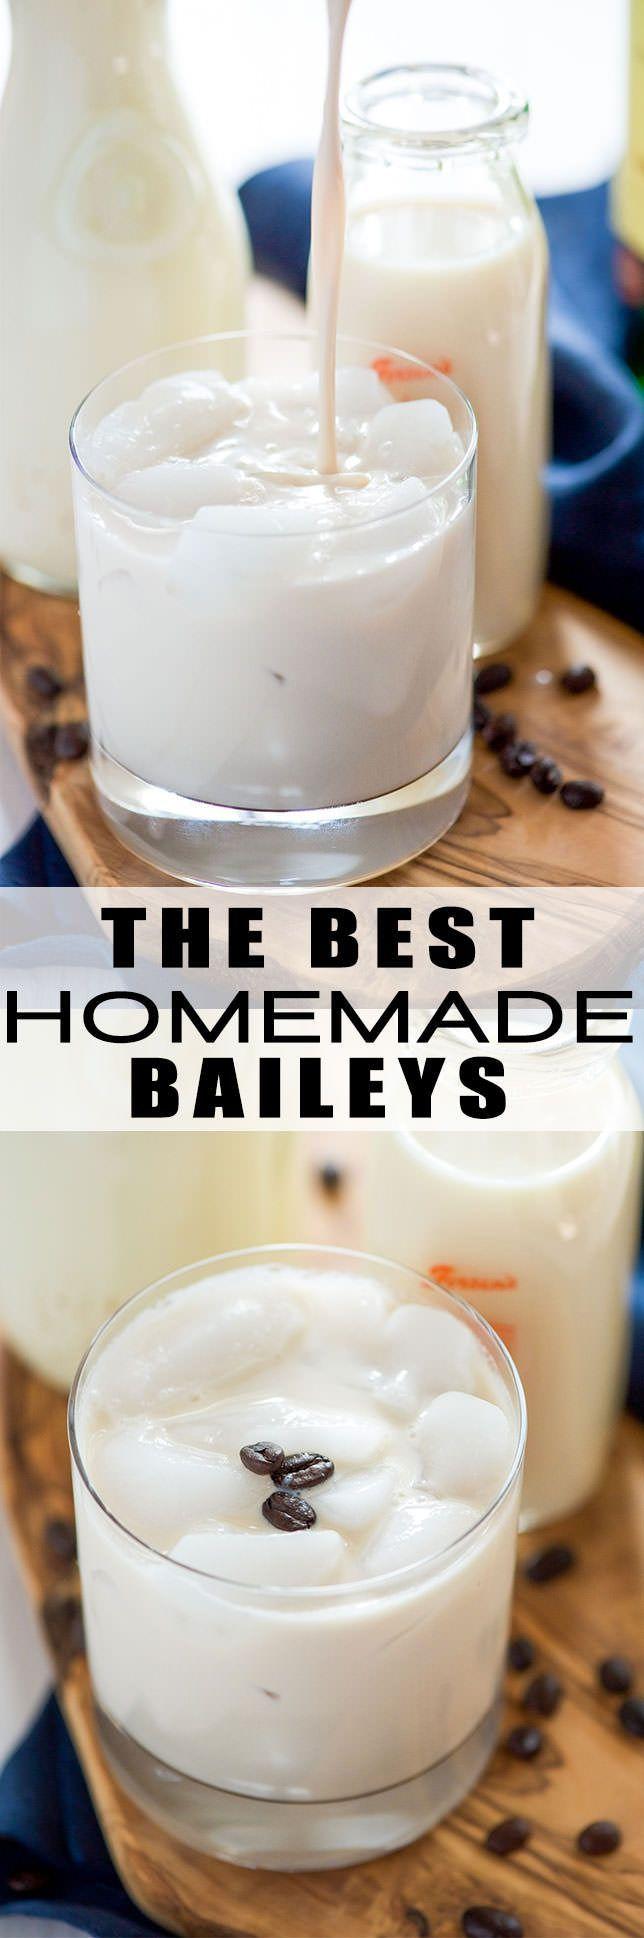 The Best Homemade Baileys Irish Cream